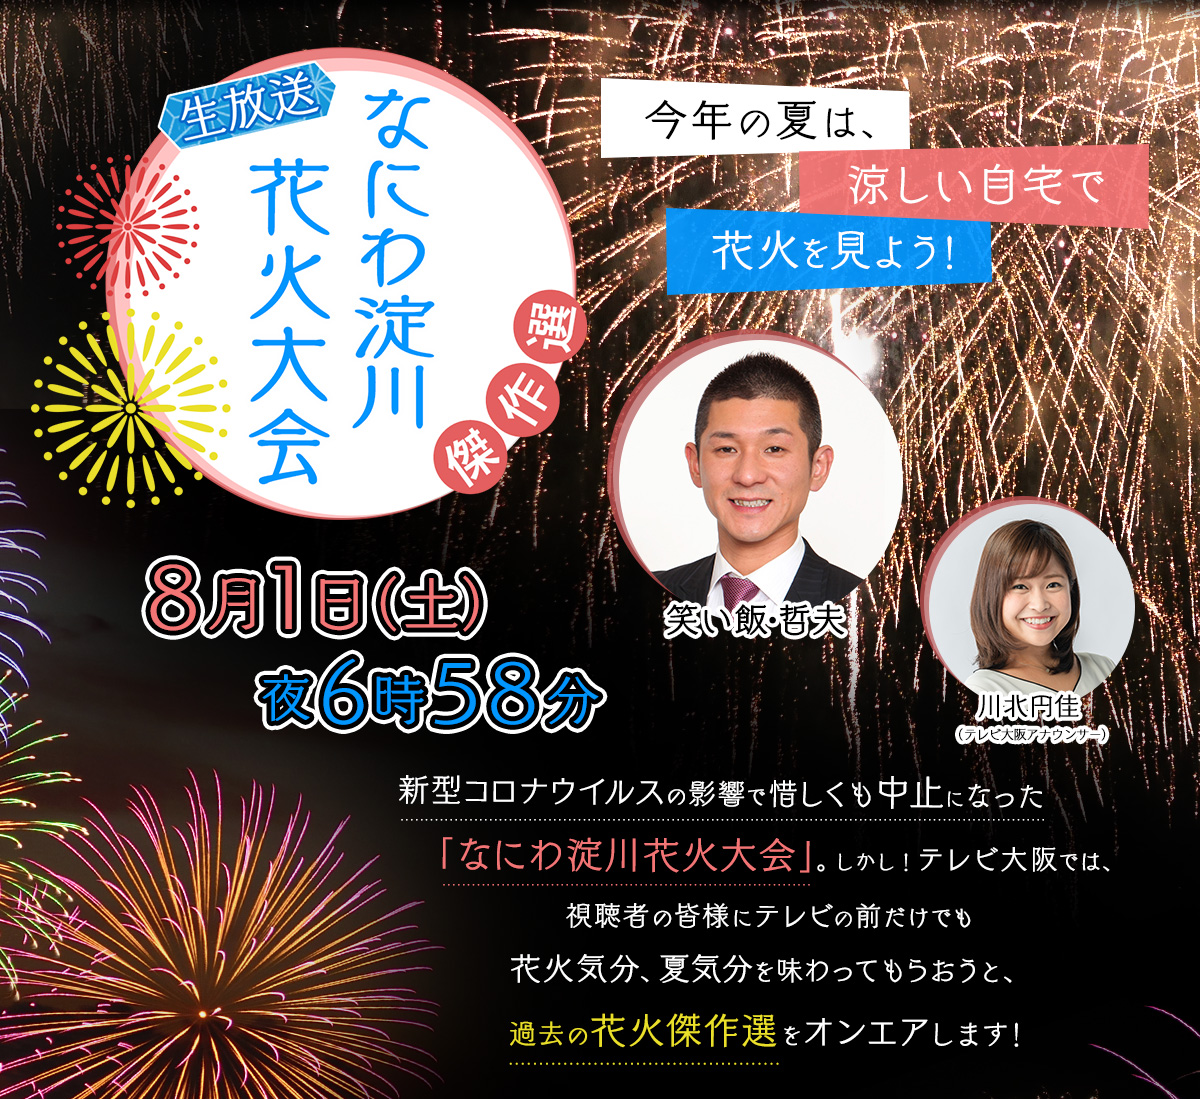 今年の夏は、涼しい自宅で花火を見よう!新型コロナウイルスの影響で惜しくも中止になった「なにわ淀川花火大会」。しかし!テレビ大阪では、視聴者の皆様にテレビの前だけでも花火気分、夏気分を味わってもらおうと、過去の花火傑作選をオンエアします!2020年8月1日(土)夜6時58分放送